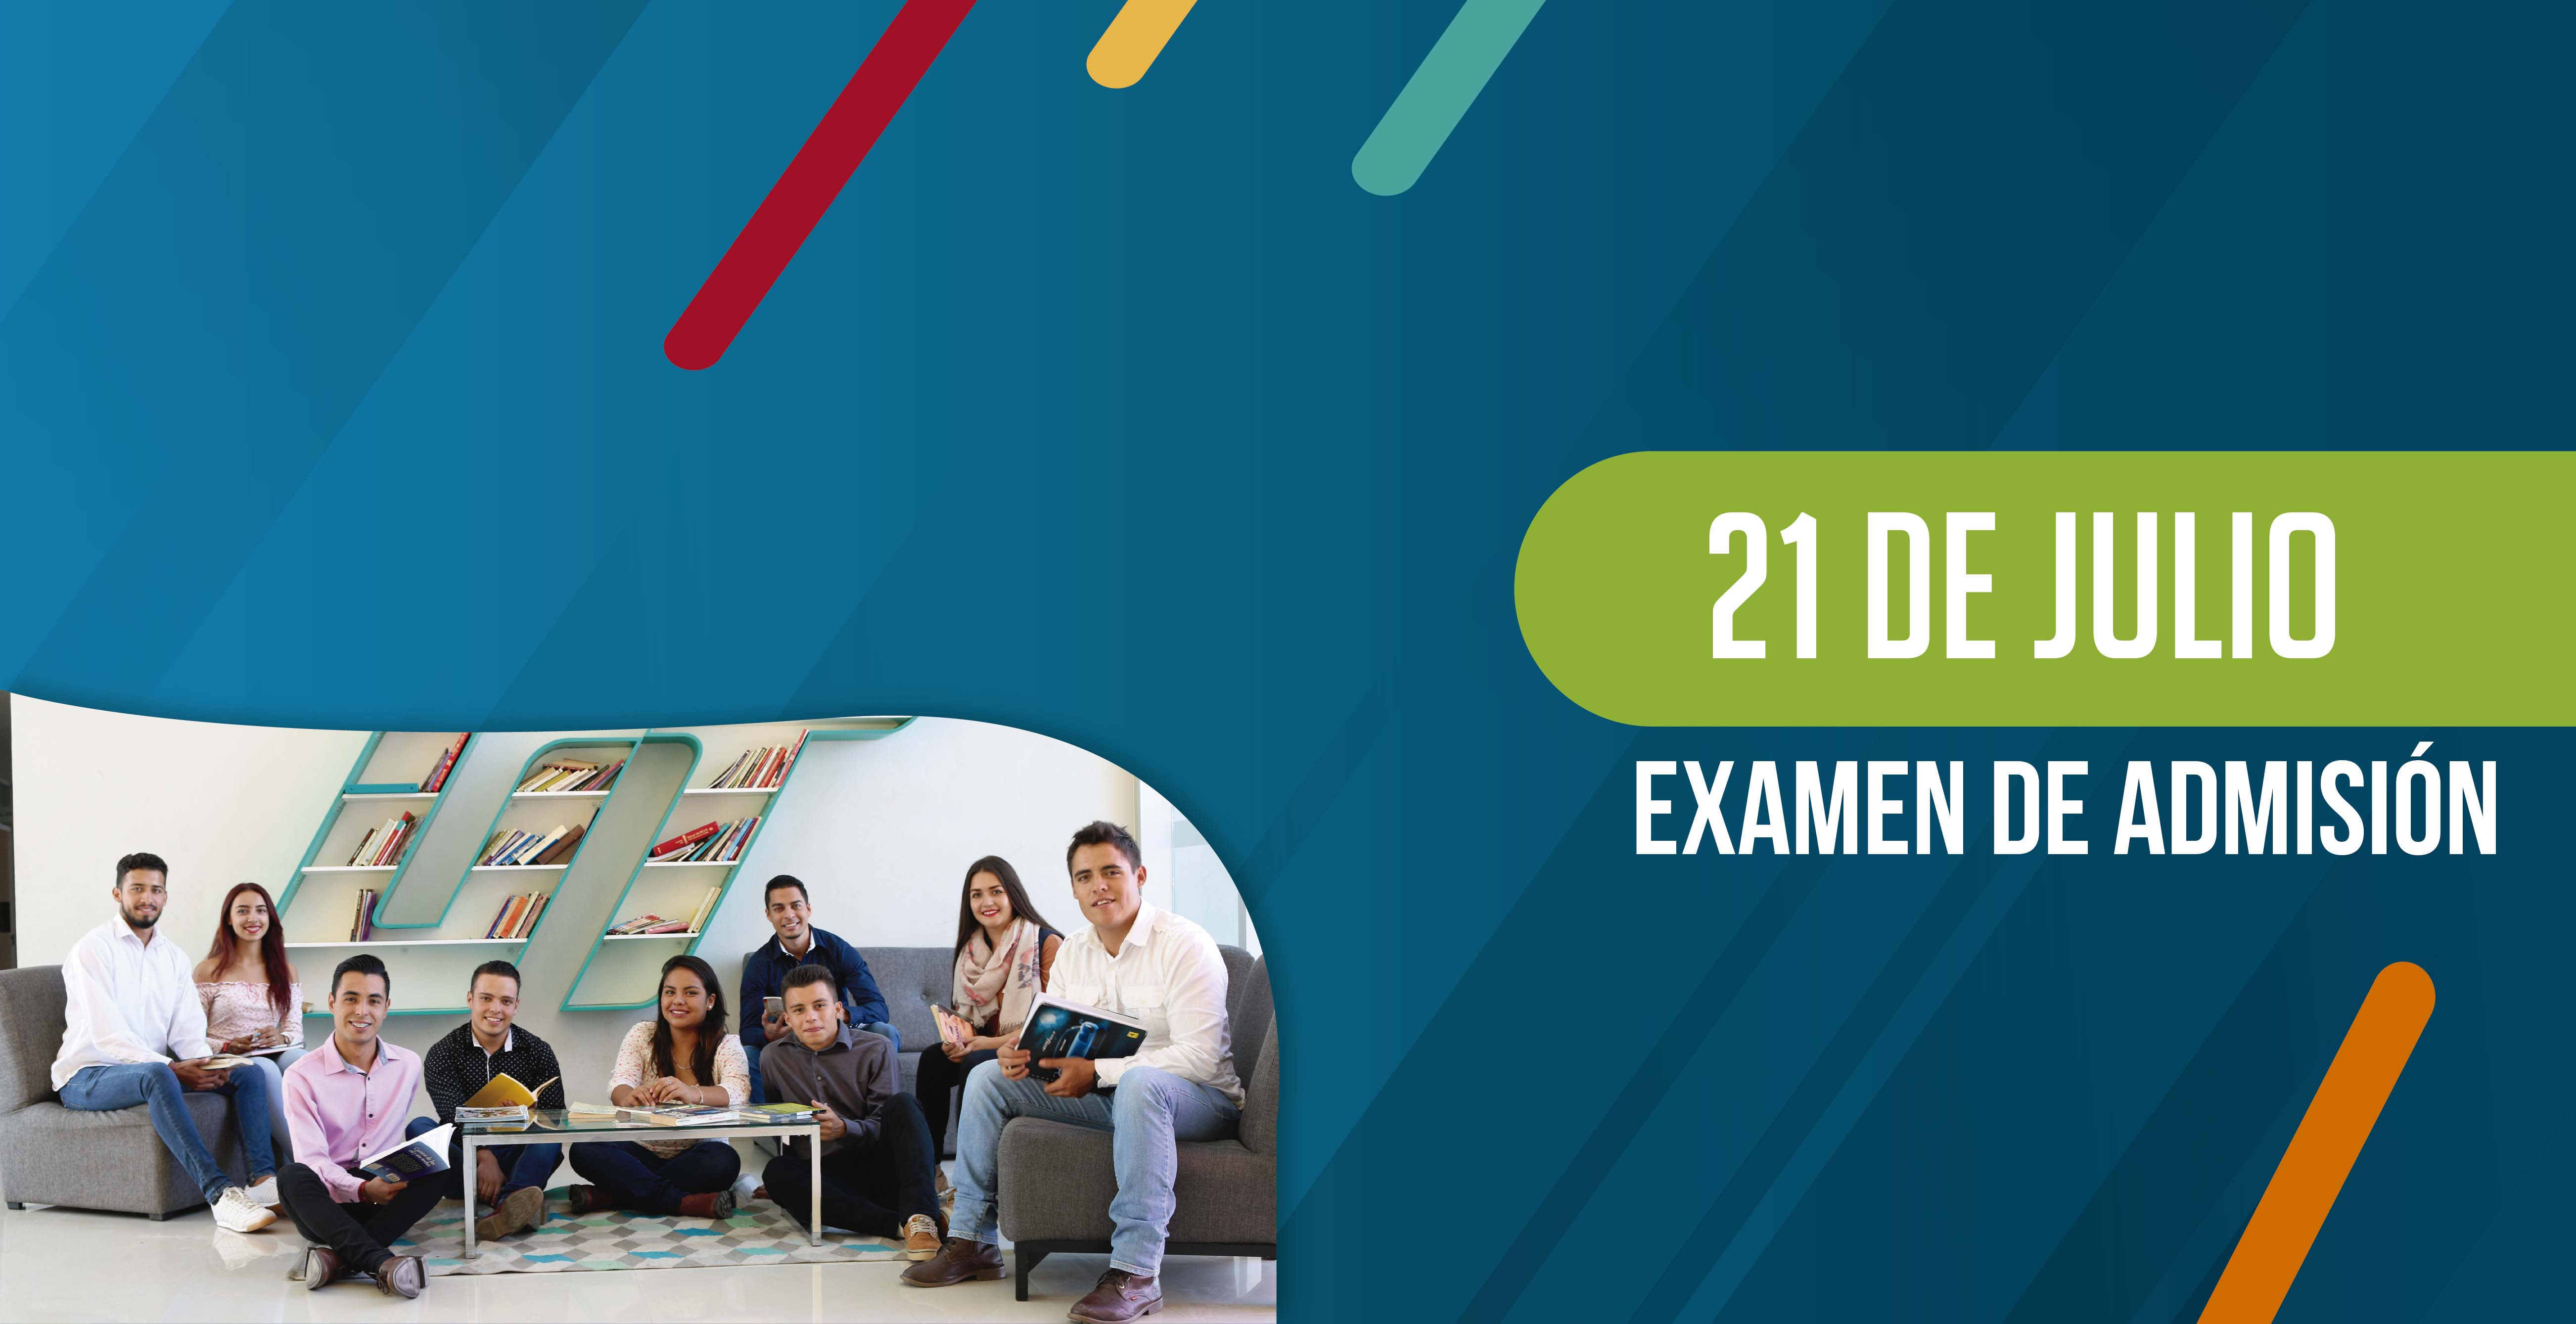 promocion-examen--21-07-18